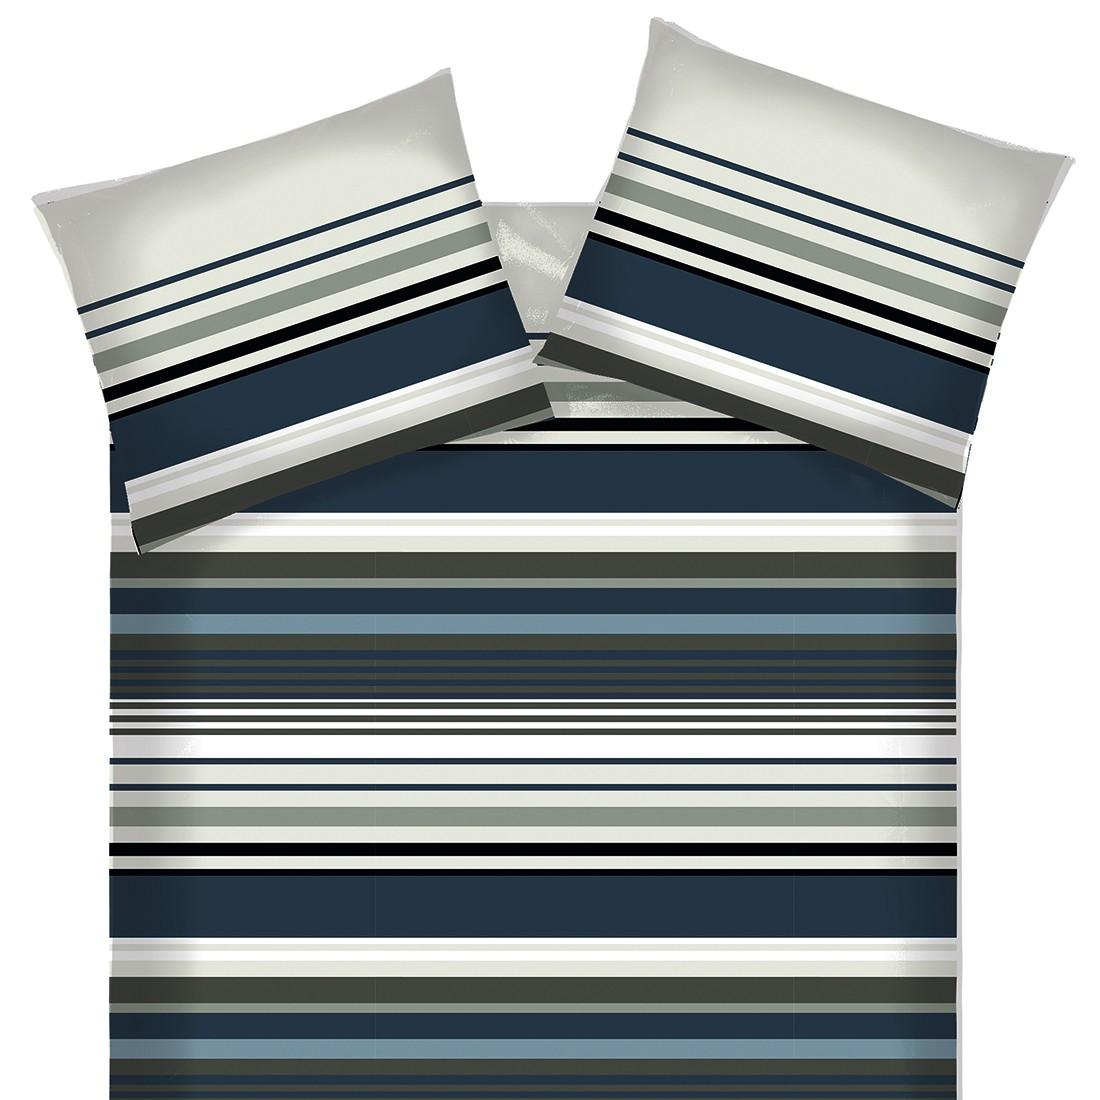 baumwolle bettw sche preisvergleich die besten angebote online kaufen. Black Bedroom Furniture Sets. Home Design Ideas